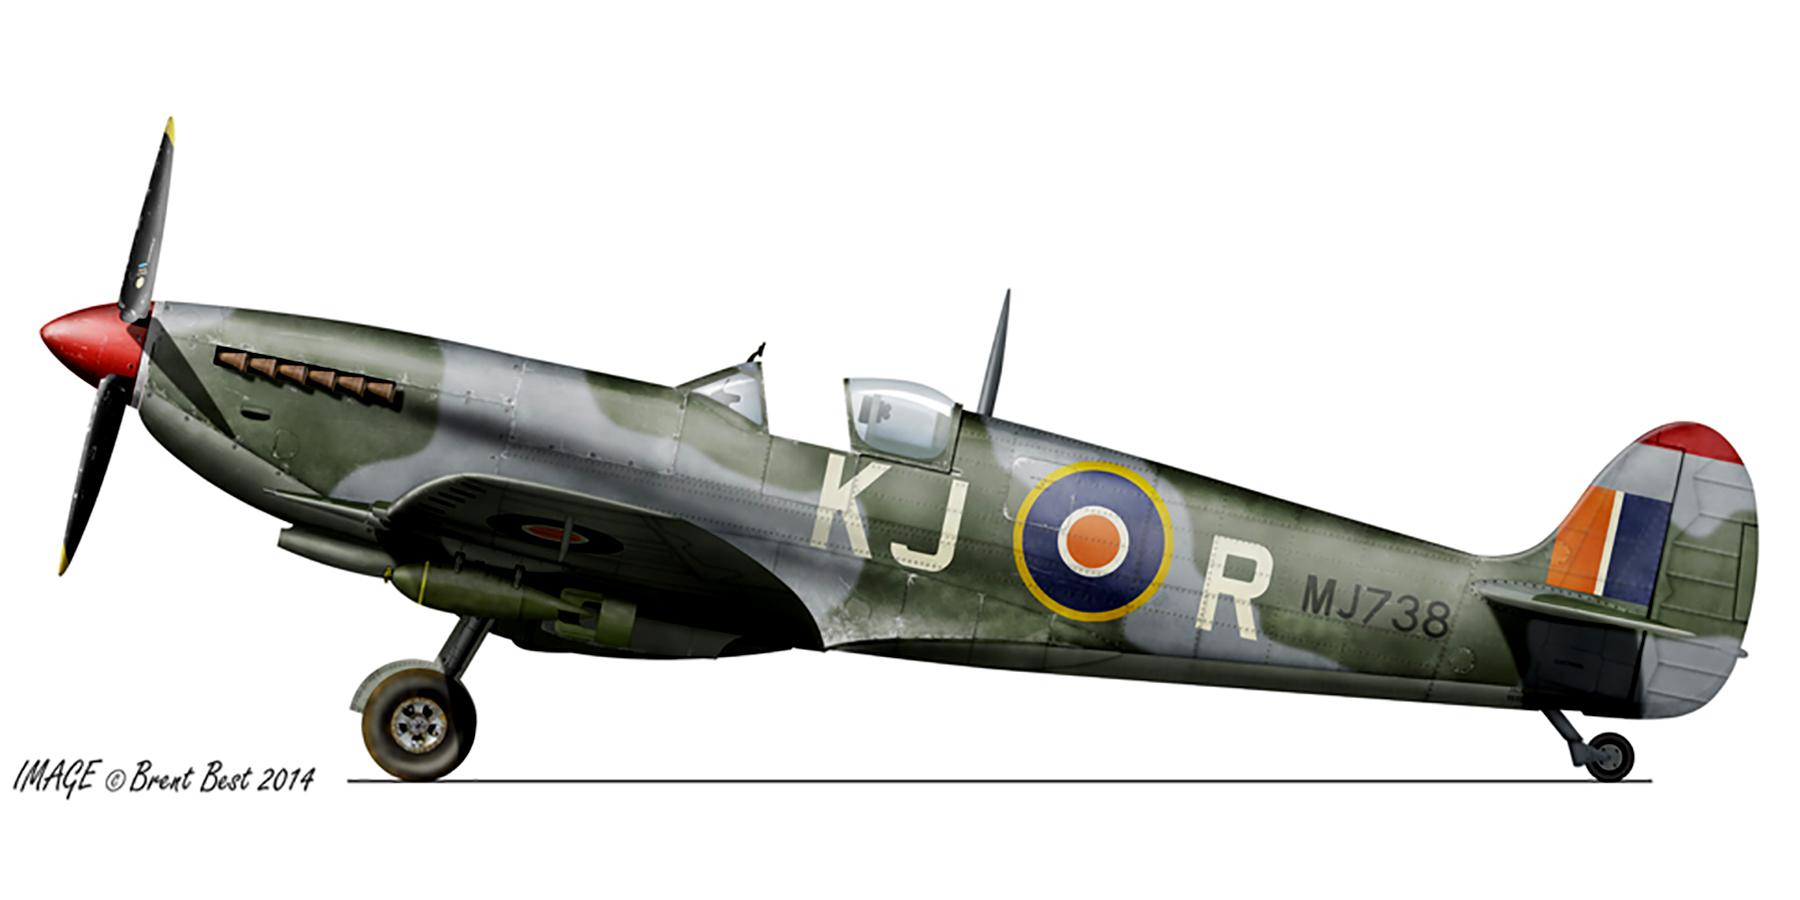 Spitfire LFIX SAAF 4Sqn KJR Lt Burger MJ738 Sinella Italy May 1944 0A